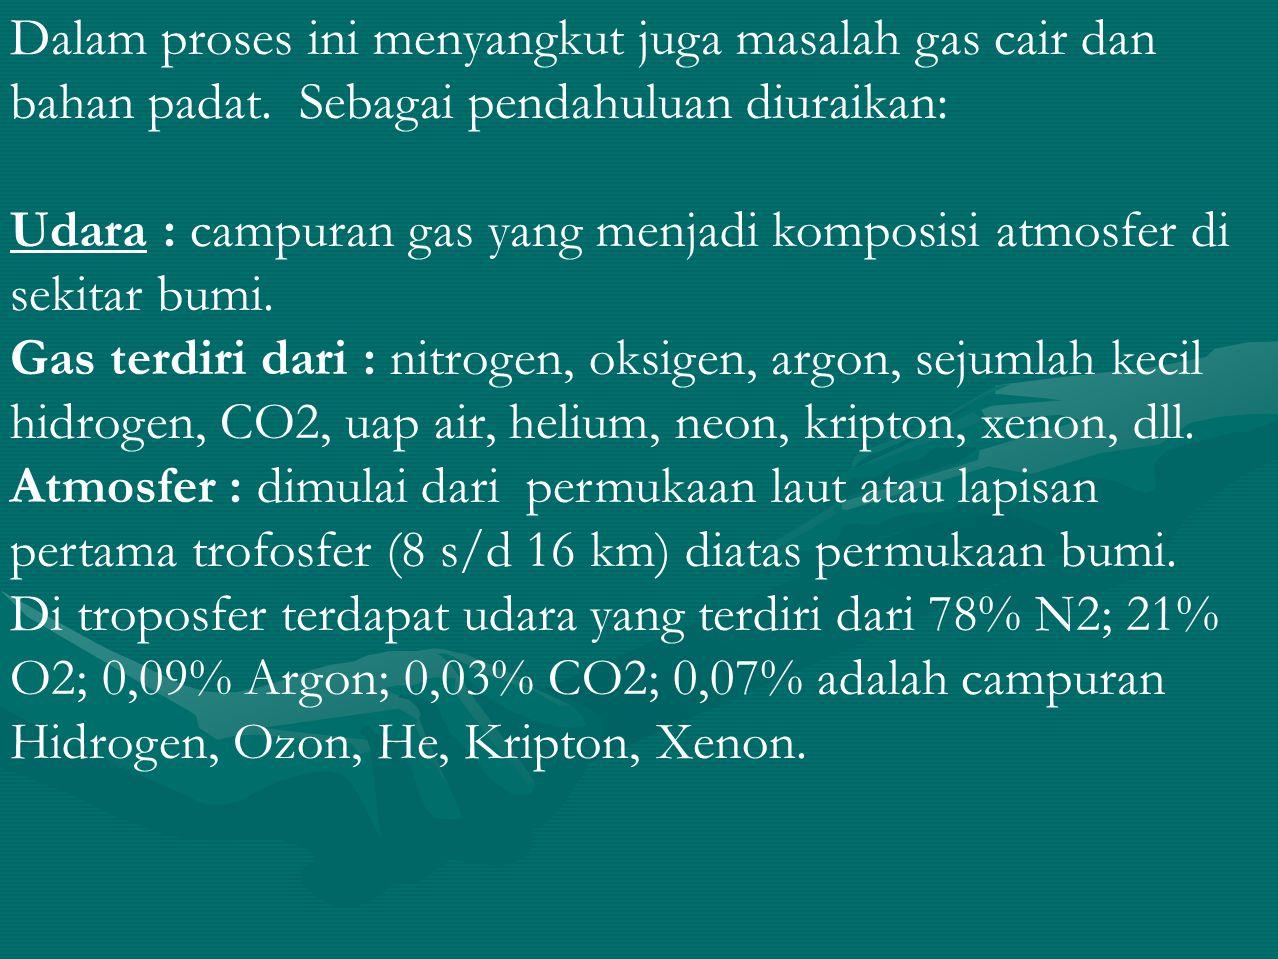 Gas komersial untuk keperluan industri antara lain N2, O2, Argon.